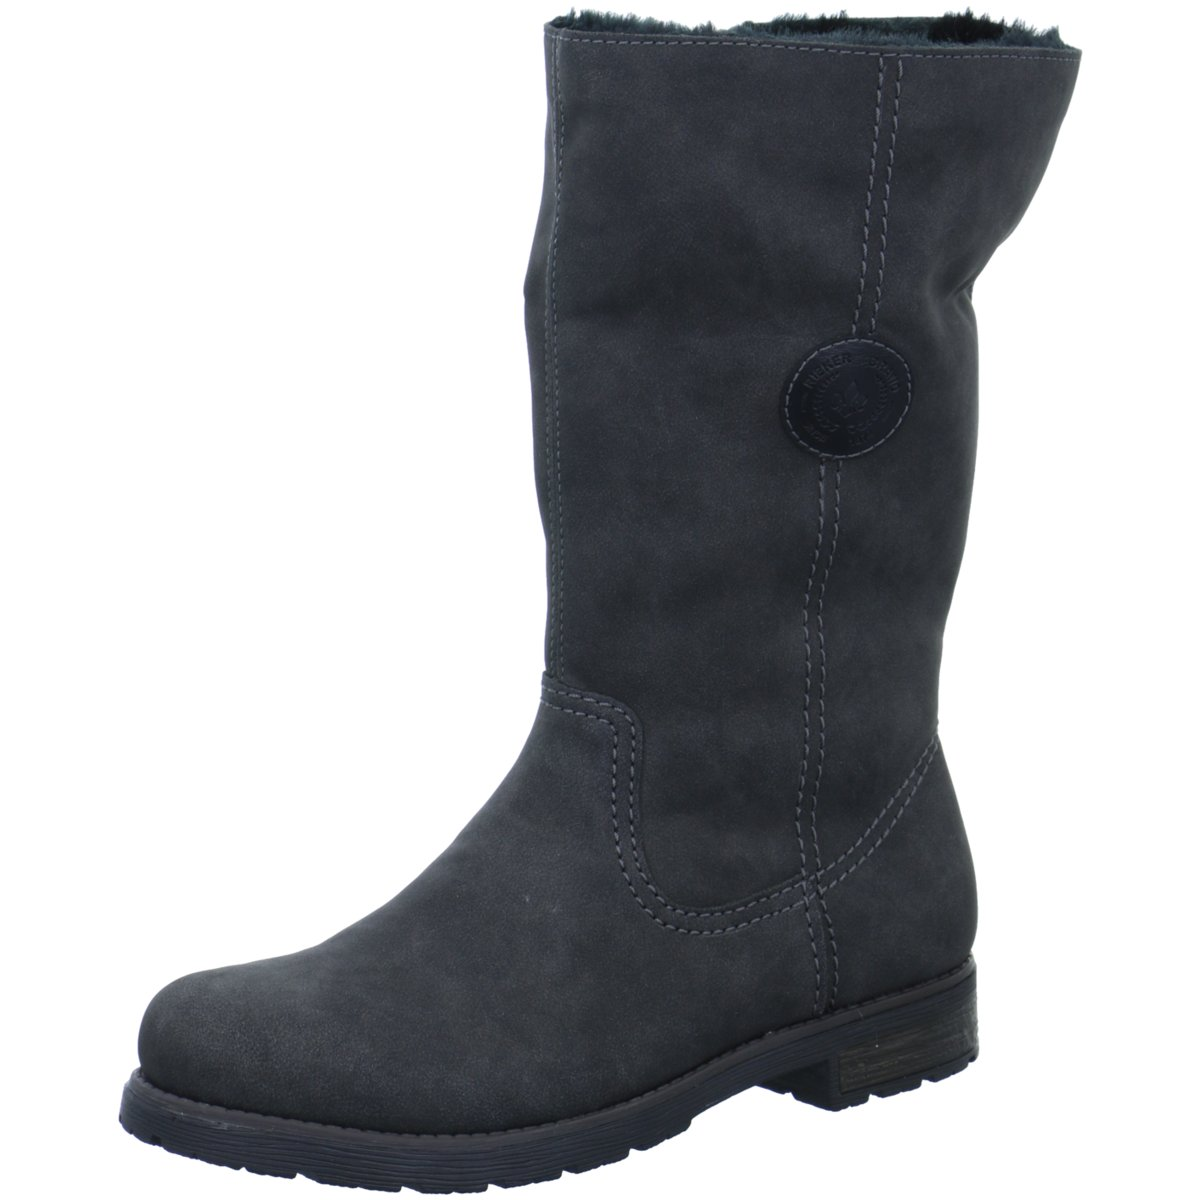 NEU Rieker Damen Stiefel 74490-46 grau 363276